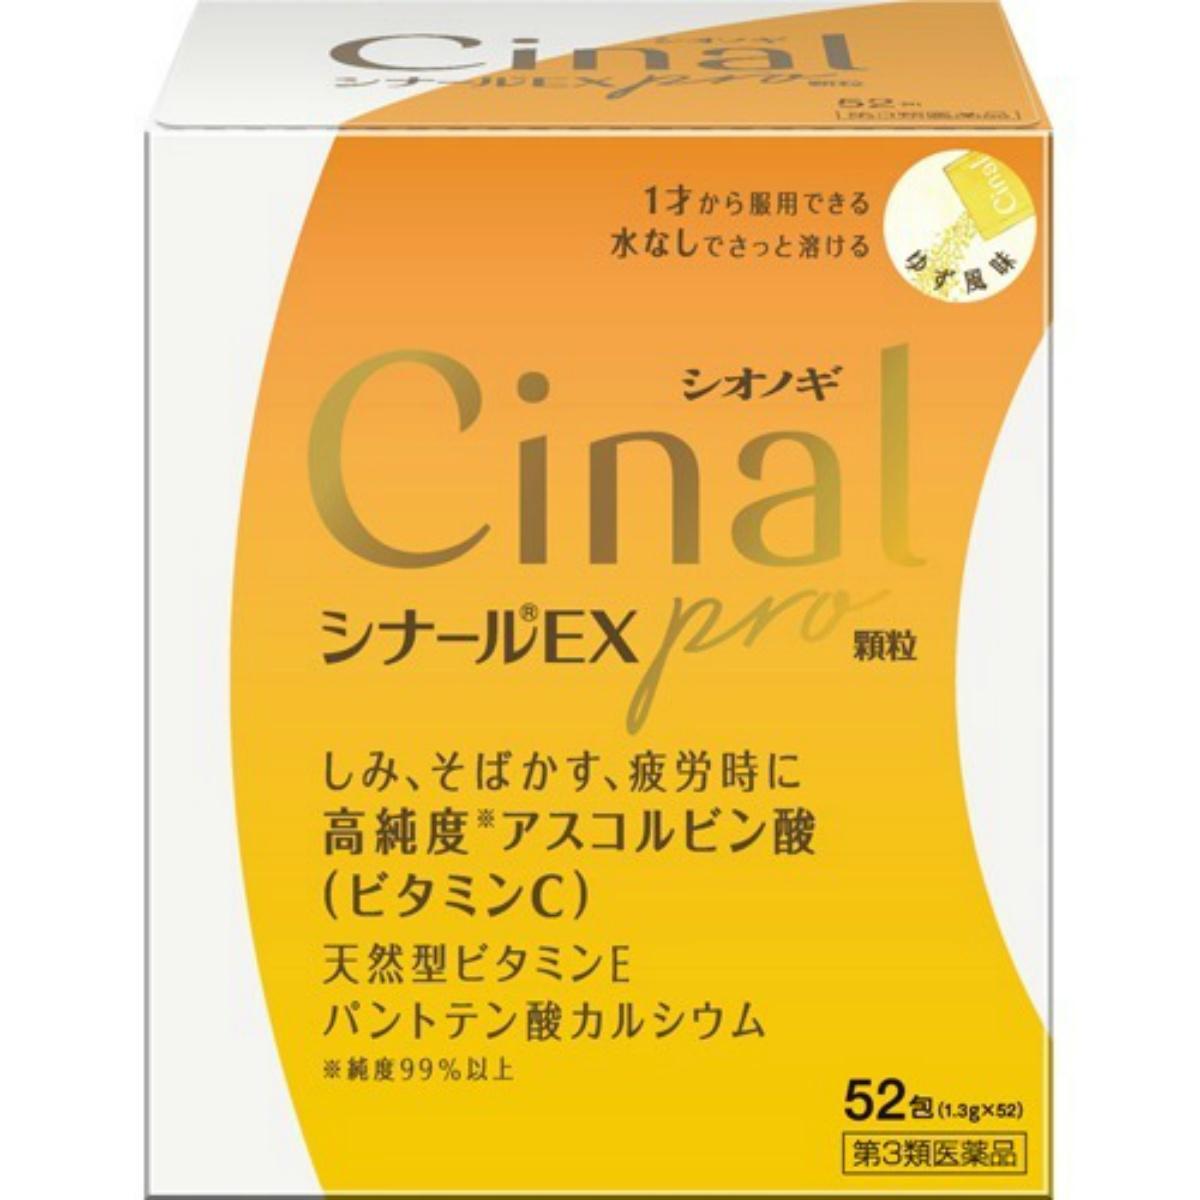 第3類医薬品 シオノギ製薬 シナールExpro メーカー公式ショップ あわせ買い2999円以上で送料無料 正規店 顆粒 52包